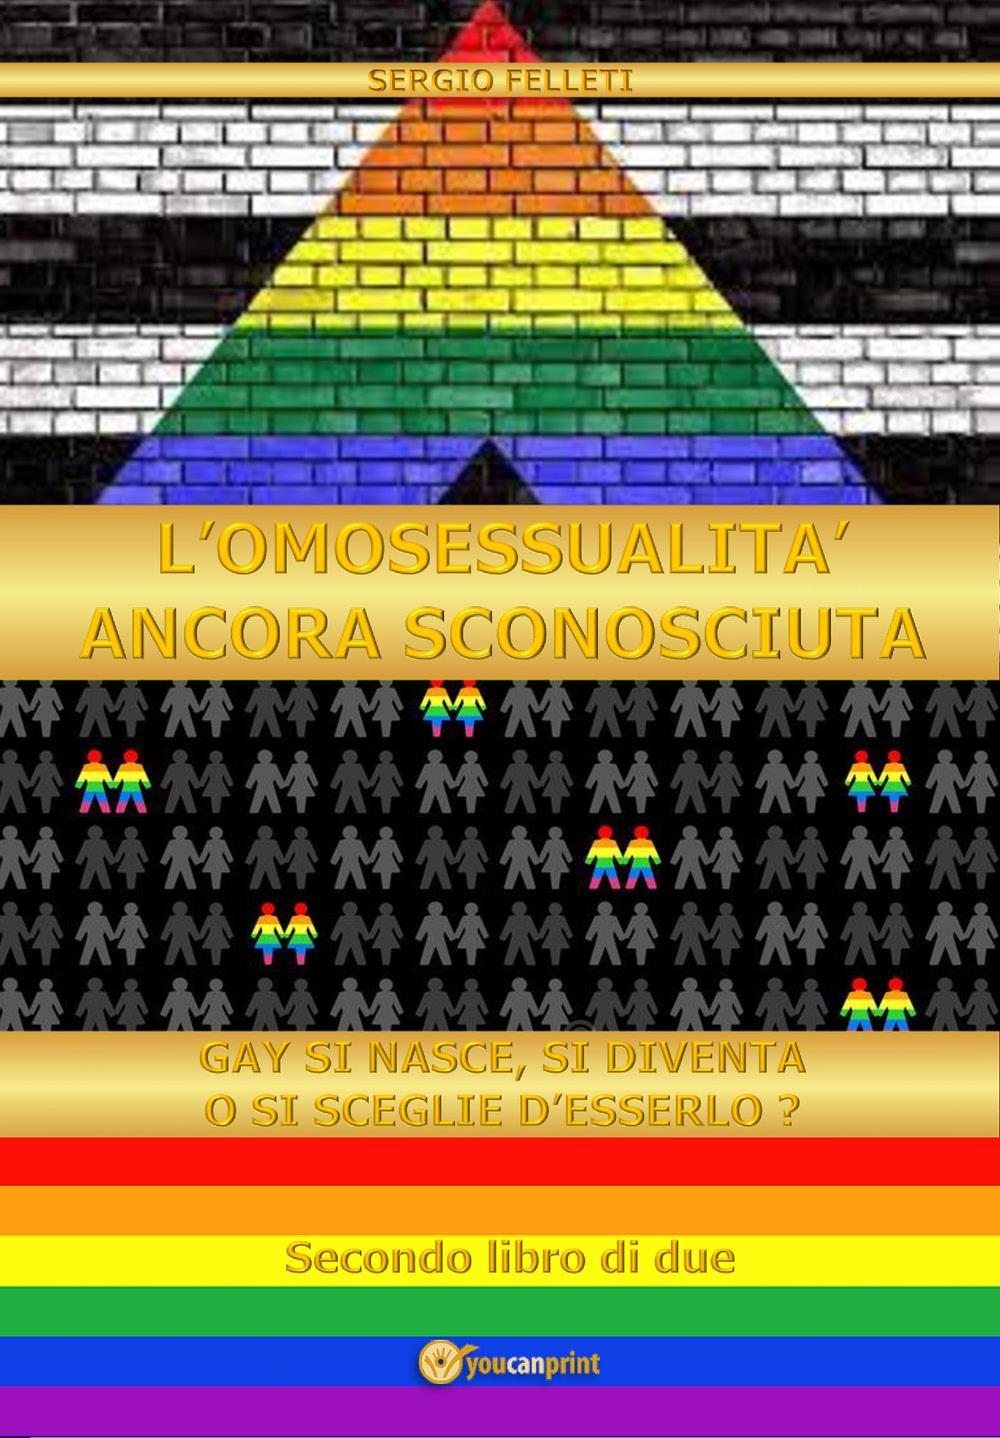 L'omosessualità ancora sconosciuta